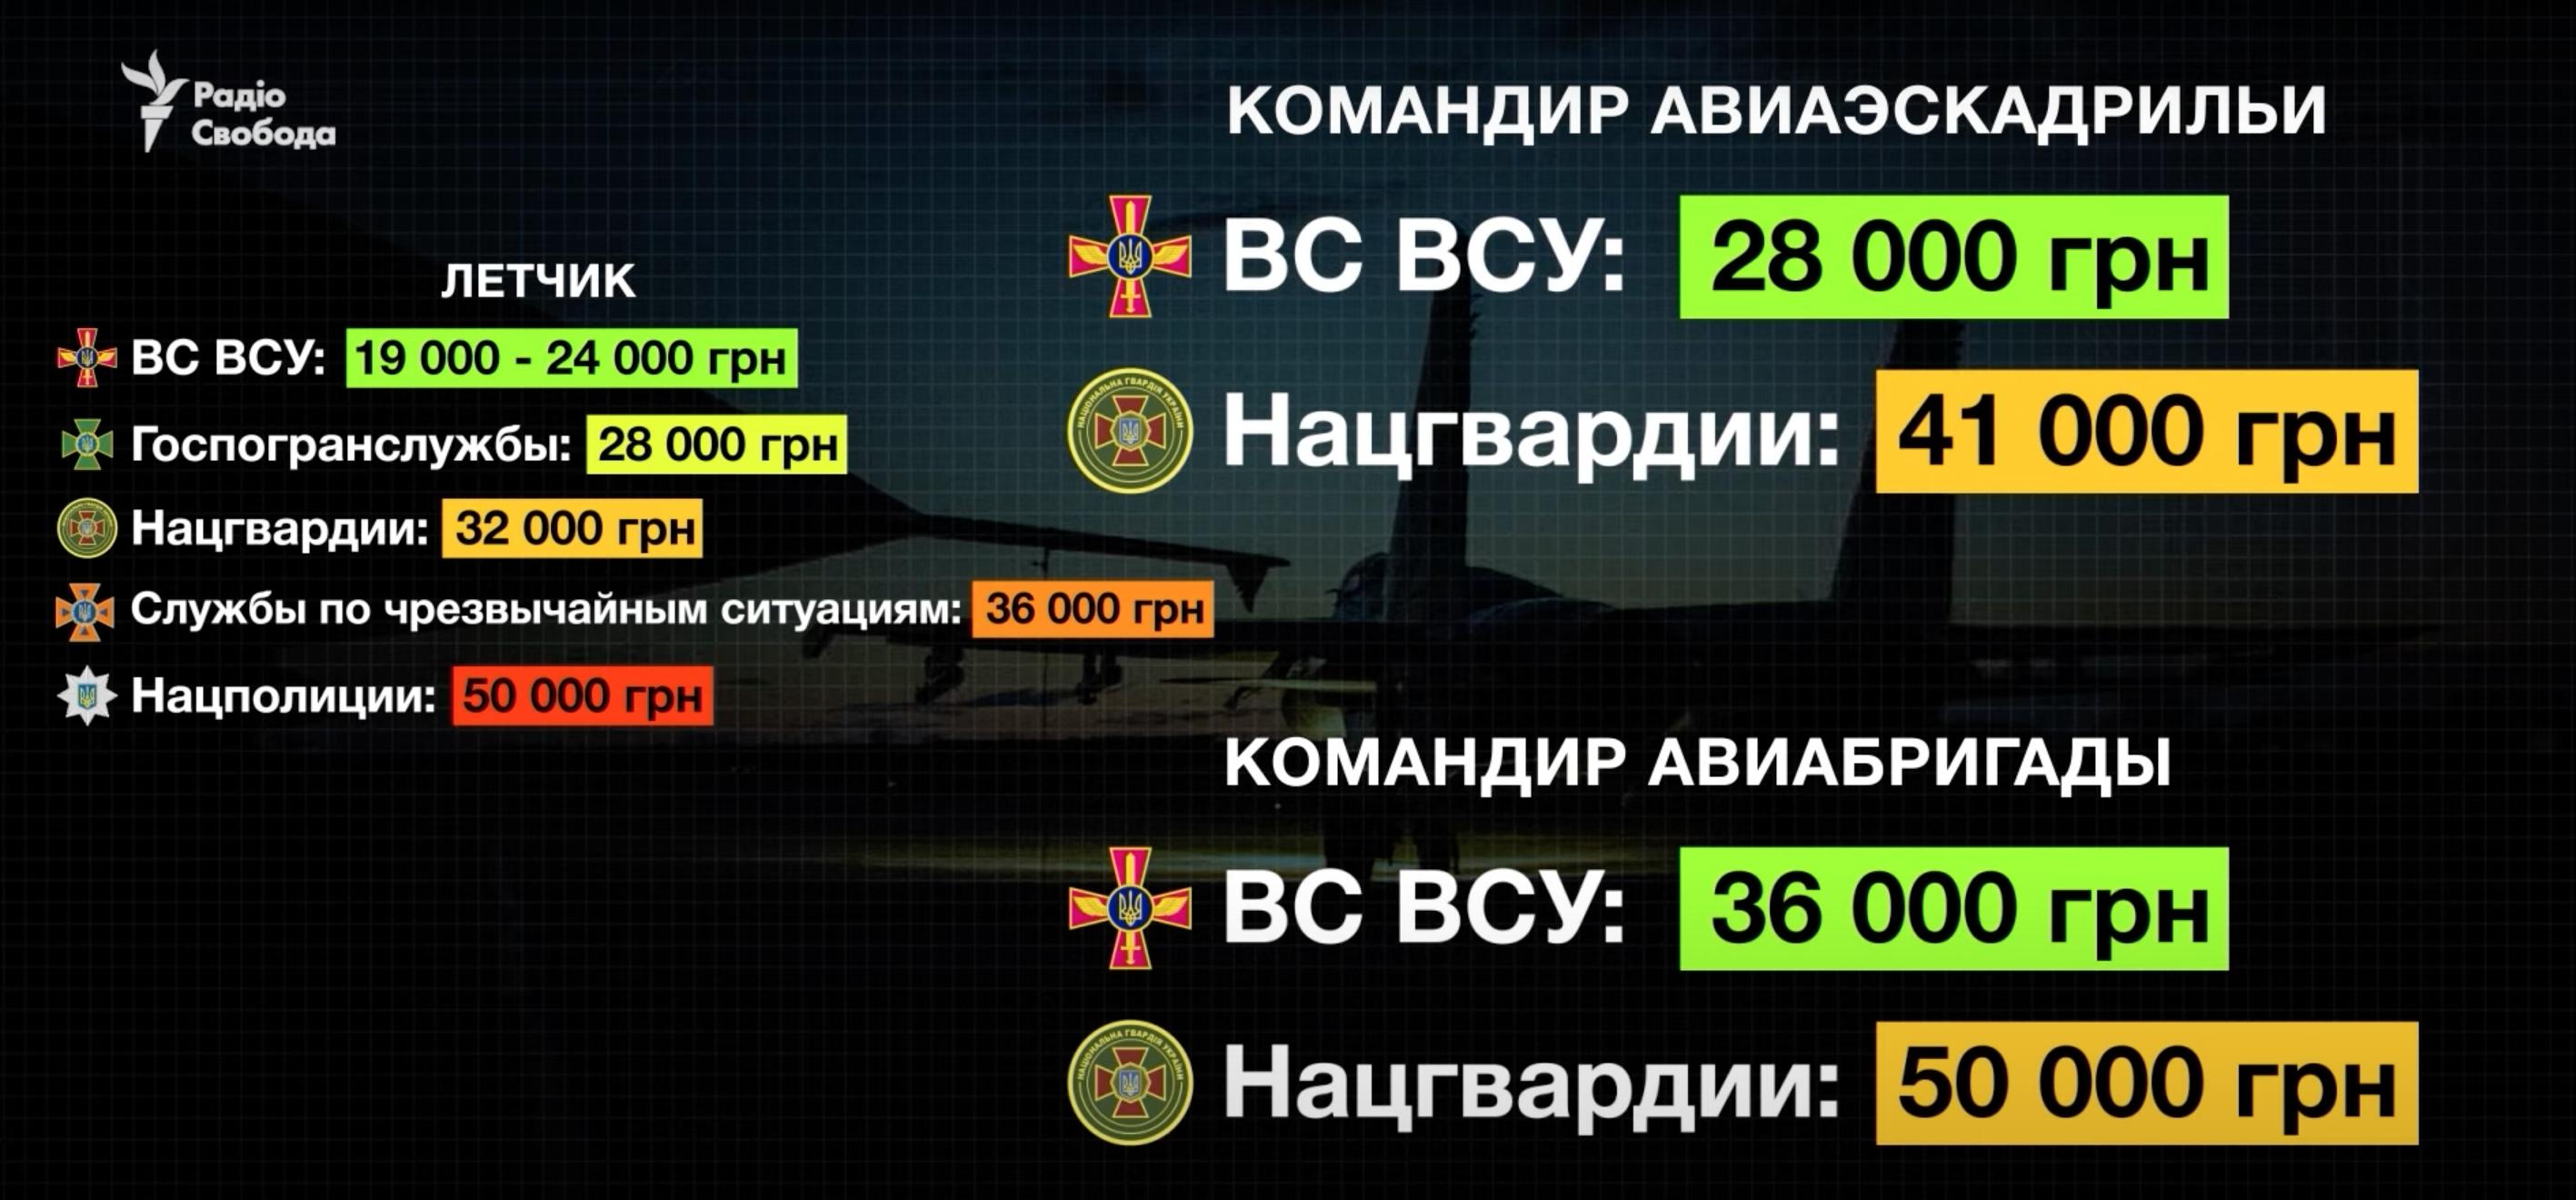 Из украинских ВВС увольняются боевые летчики – командование ВСУ